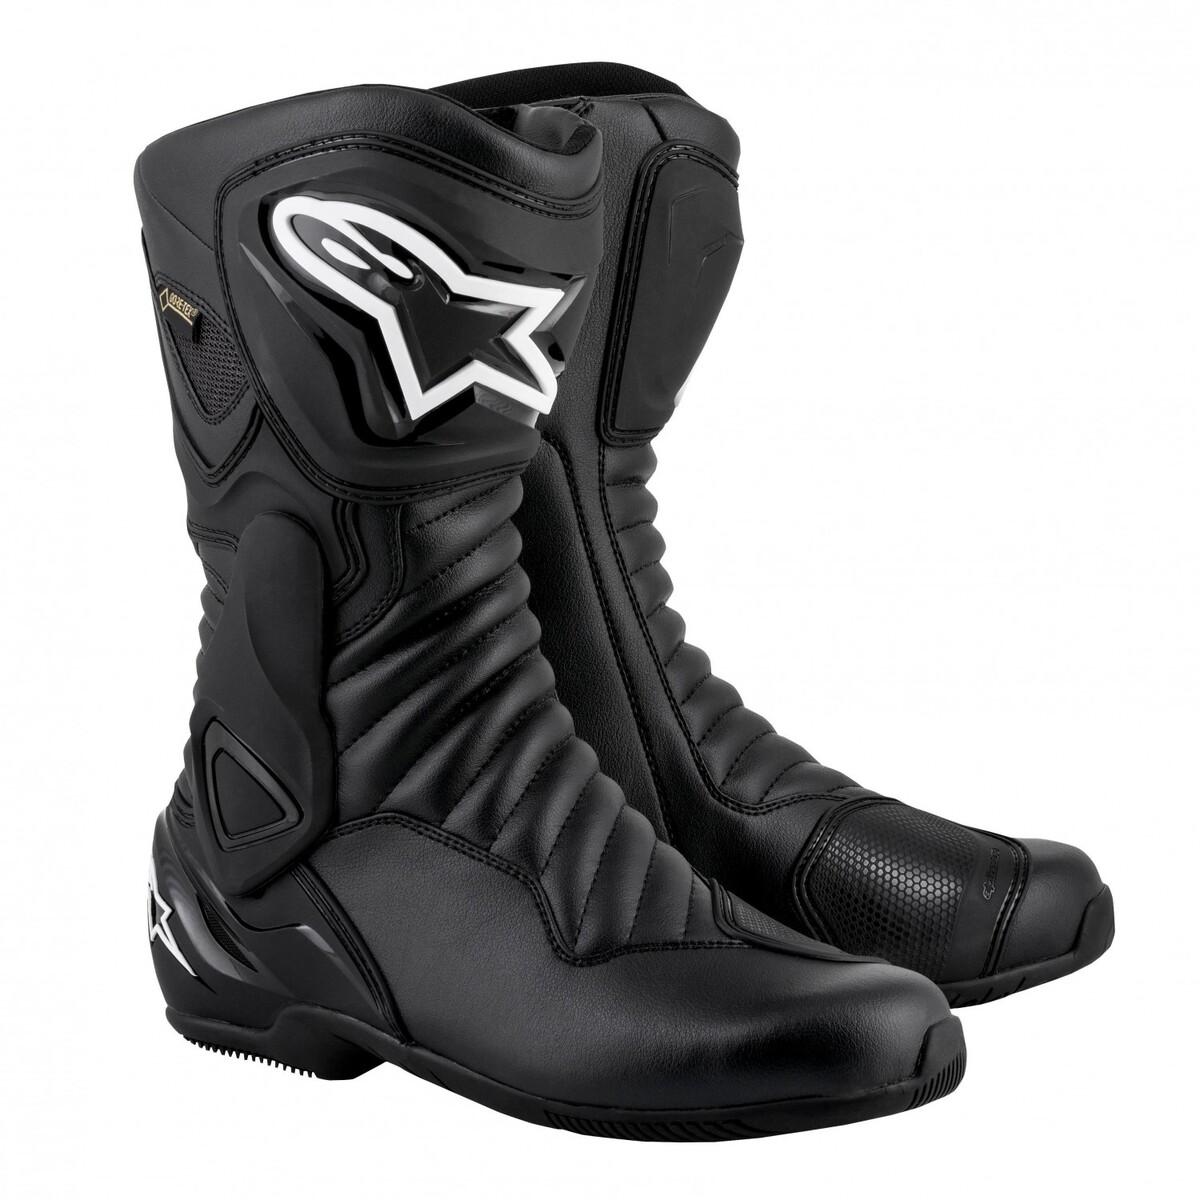 Bild 1 von Alpinestars SMX 6 V2 Goretex Stiefel Motorradstiefel schwarz Herren Größe 43